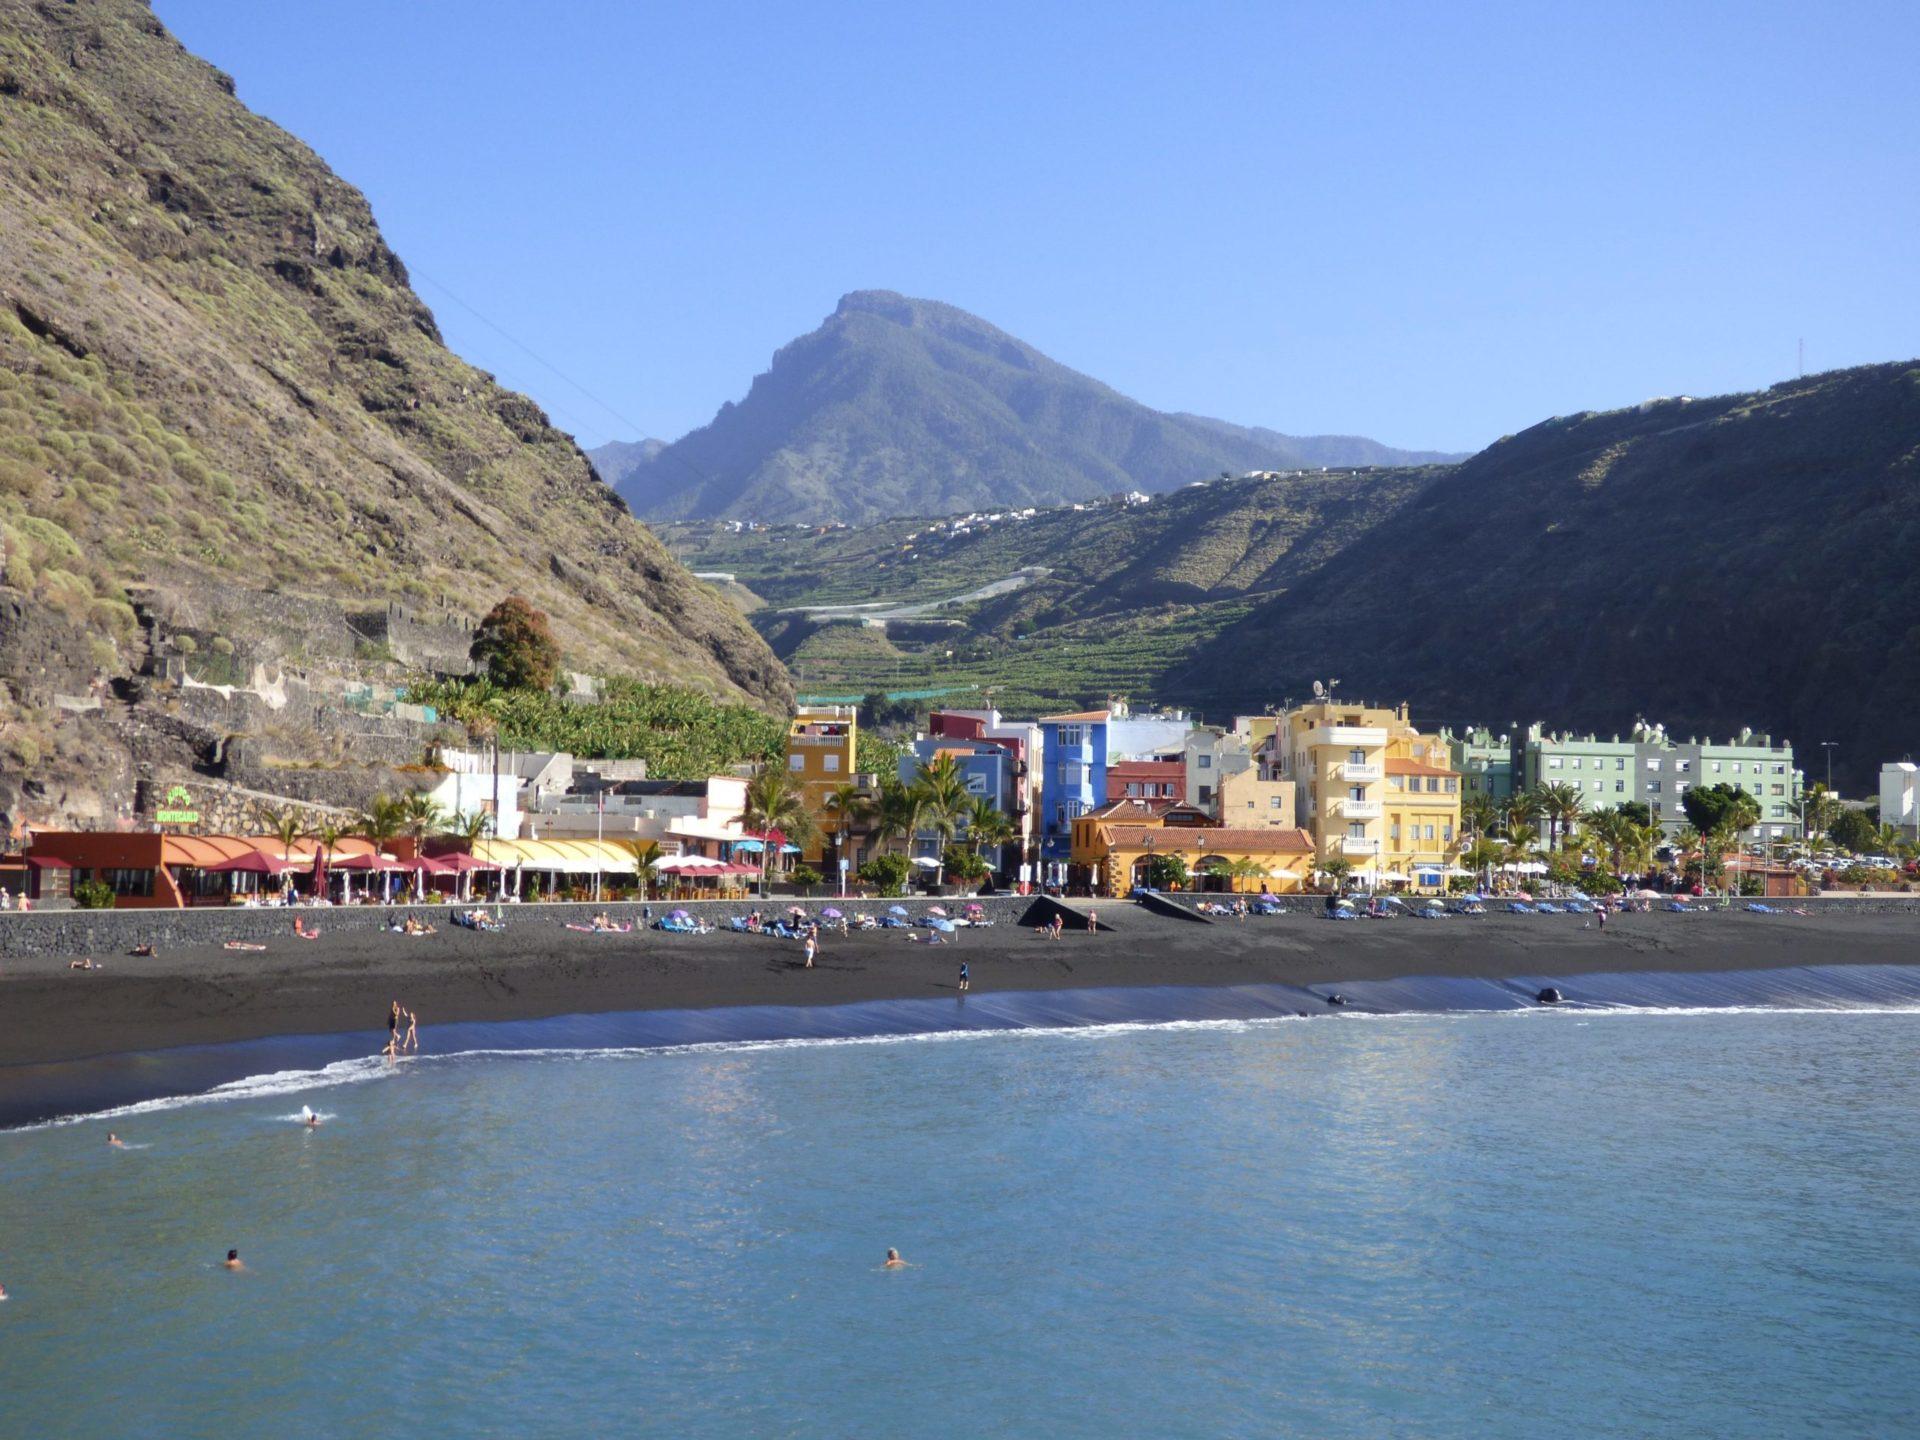 Wassertemperatur La Palma: Badestrand von Puerto de Tazacorte mit bunten Häusern, schwarzem Sand und gebirgigem Hinterland